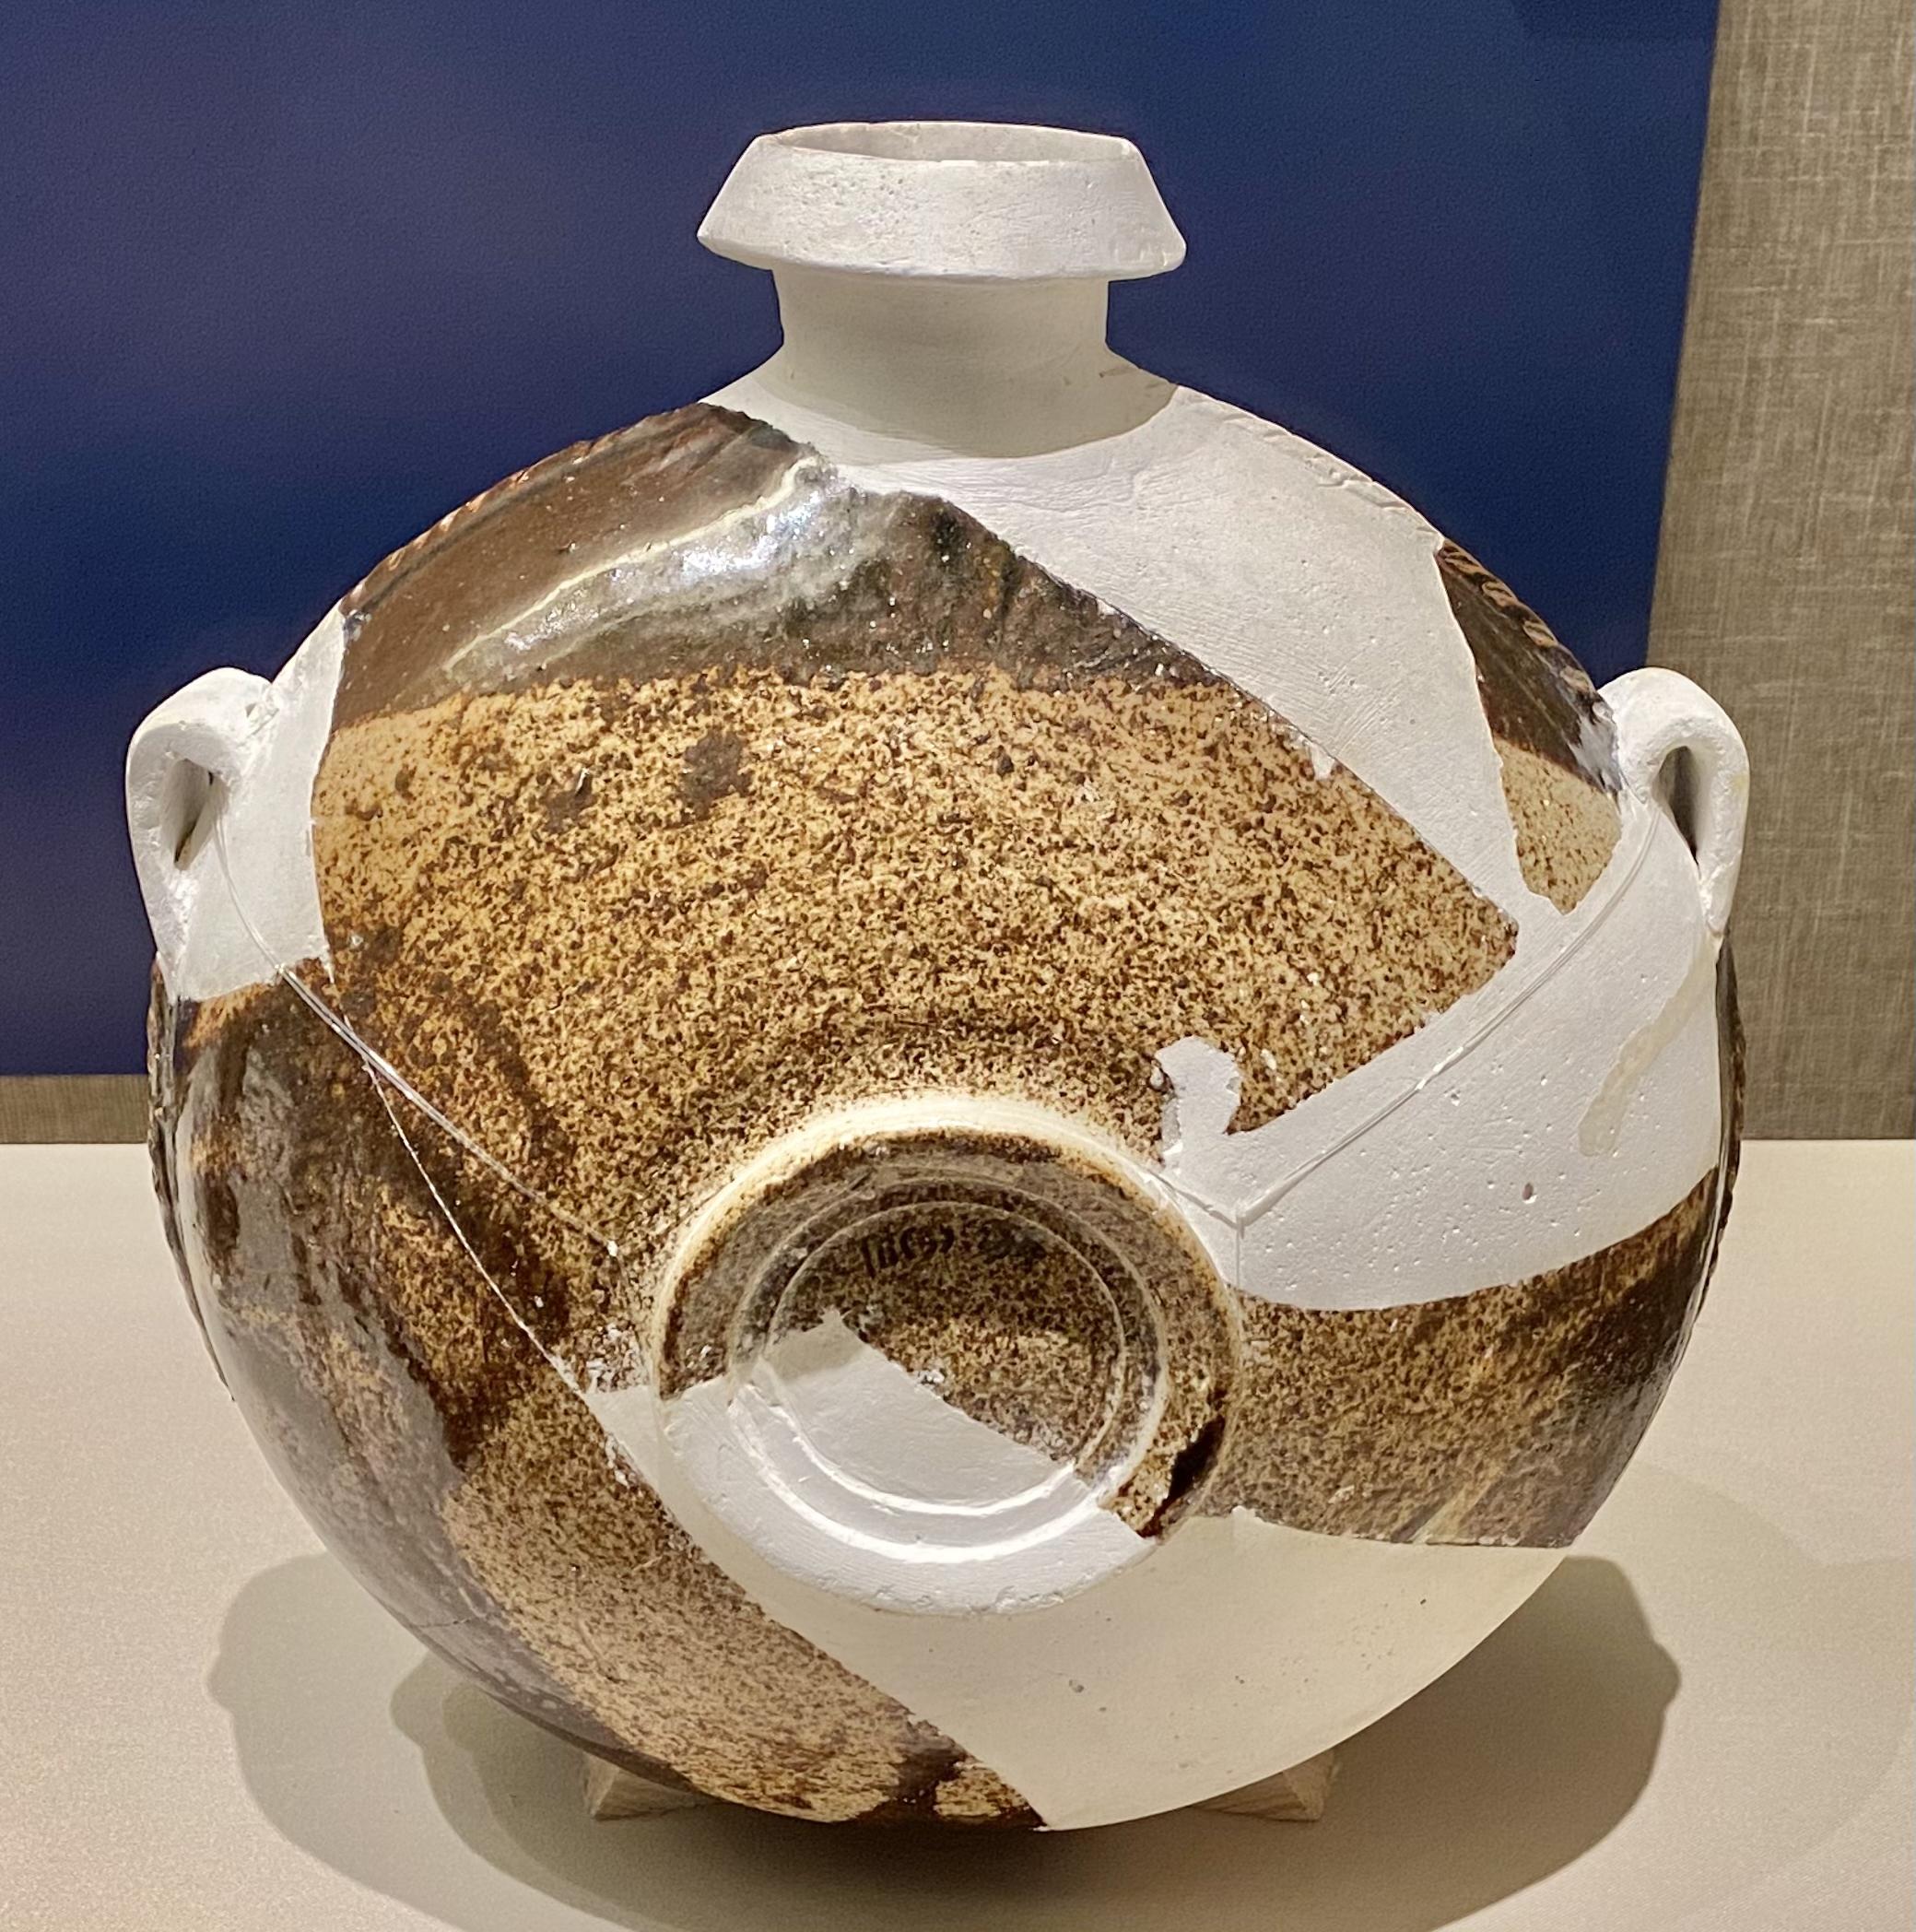 褐釉扁壺-西夏-巡回特別展【天歌長歌-唐蕃古道】-四川博物館